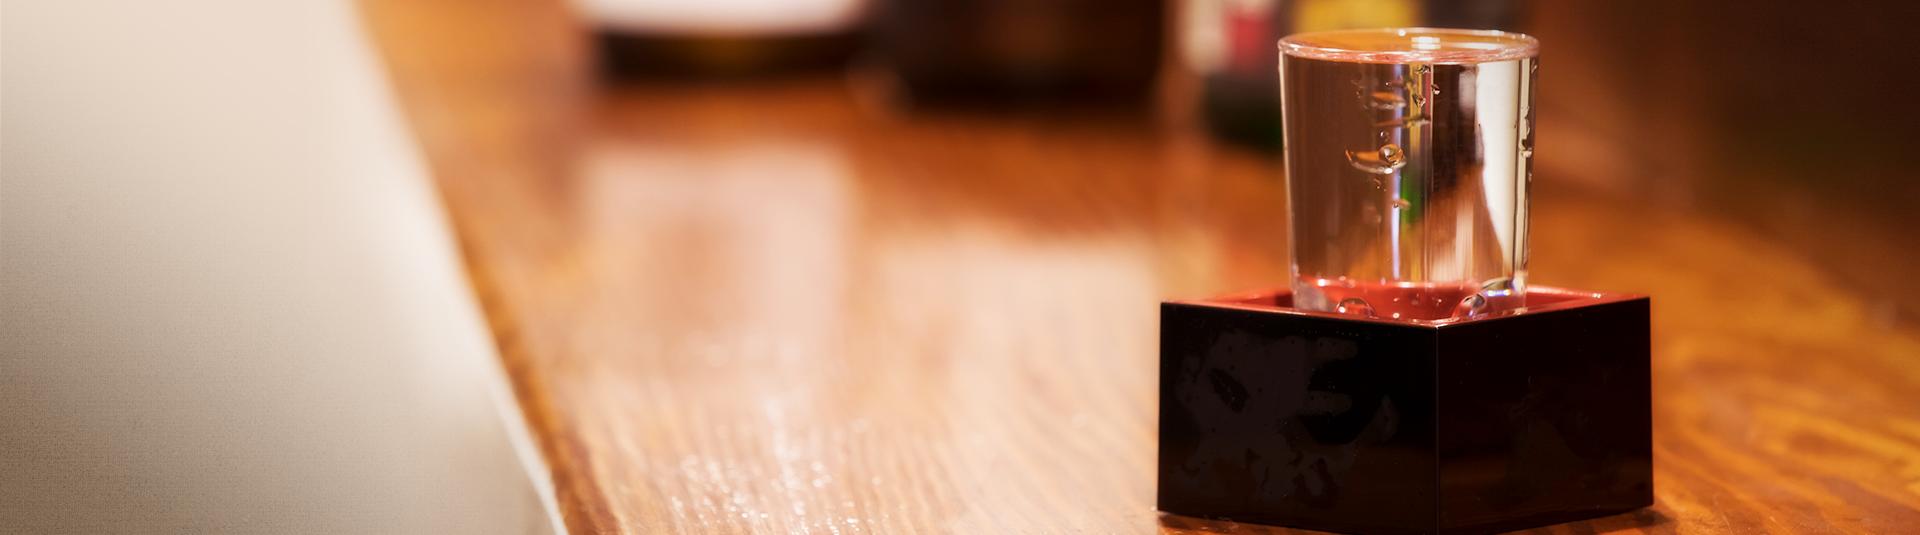 ごいちで取揃えた美味しい日本酒